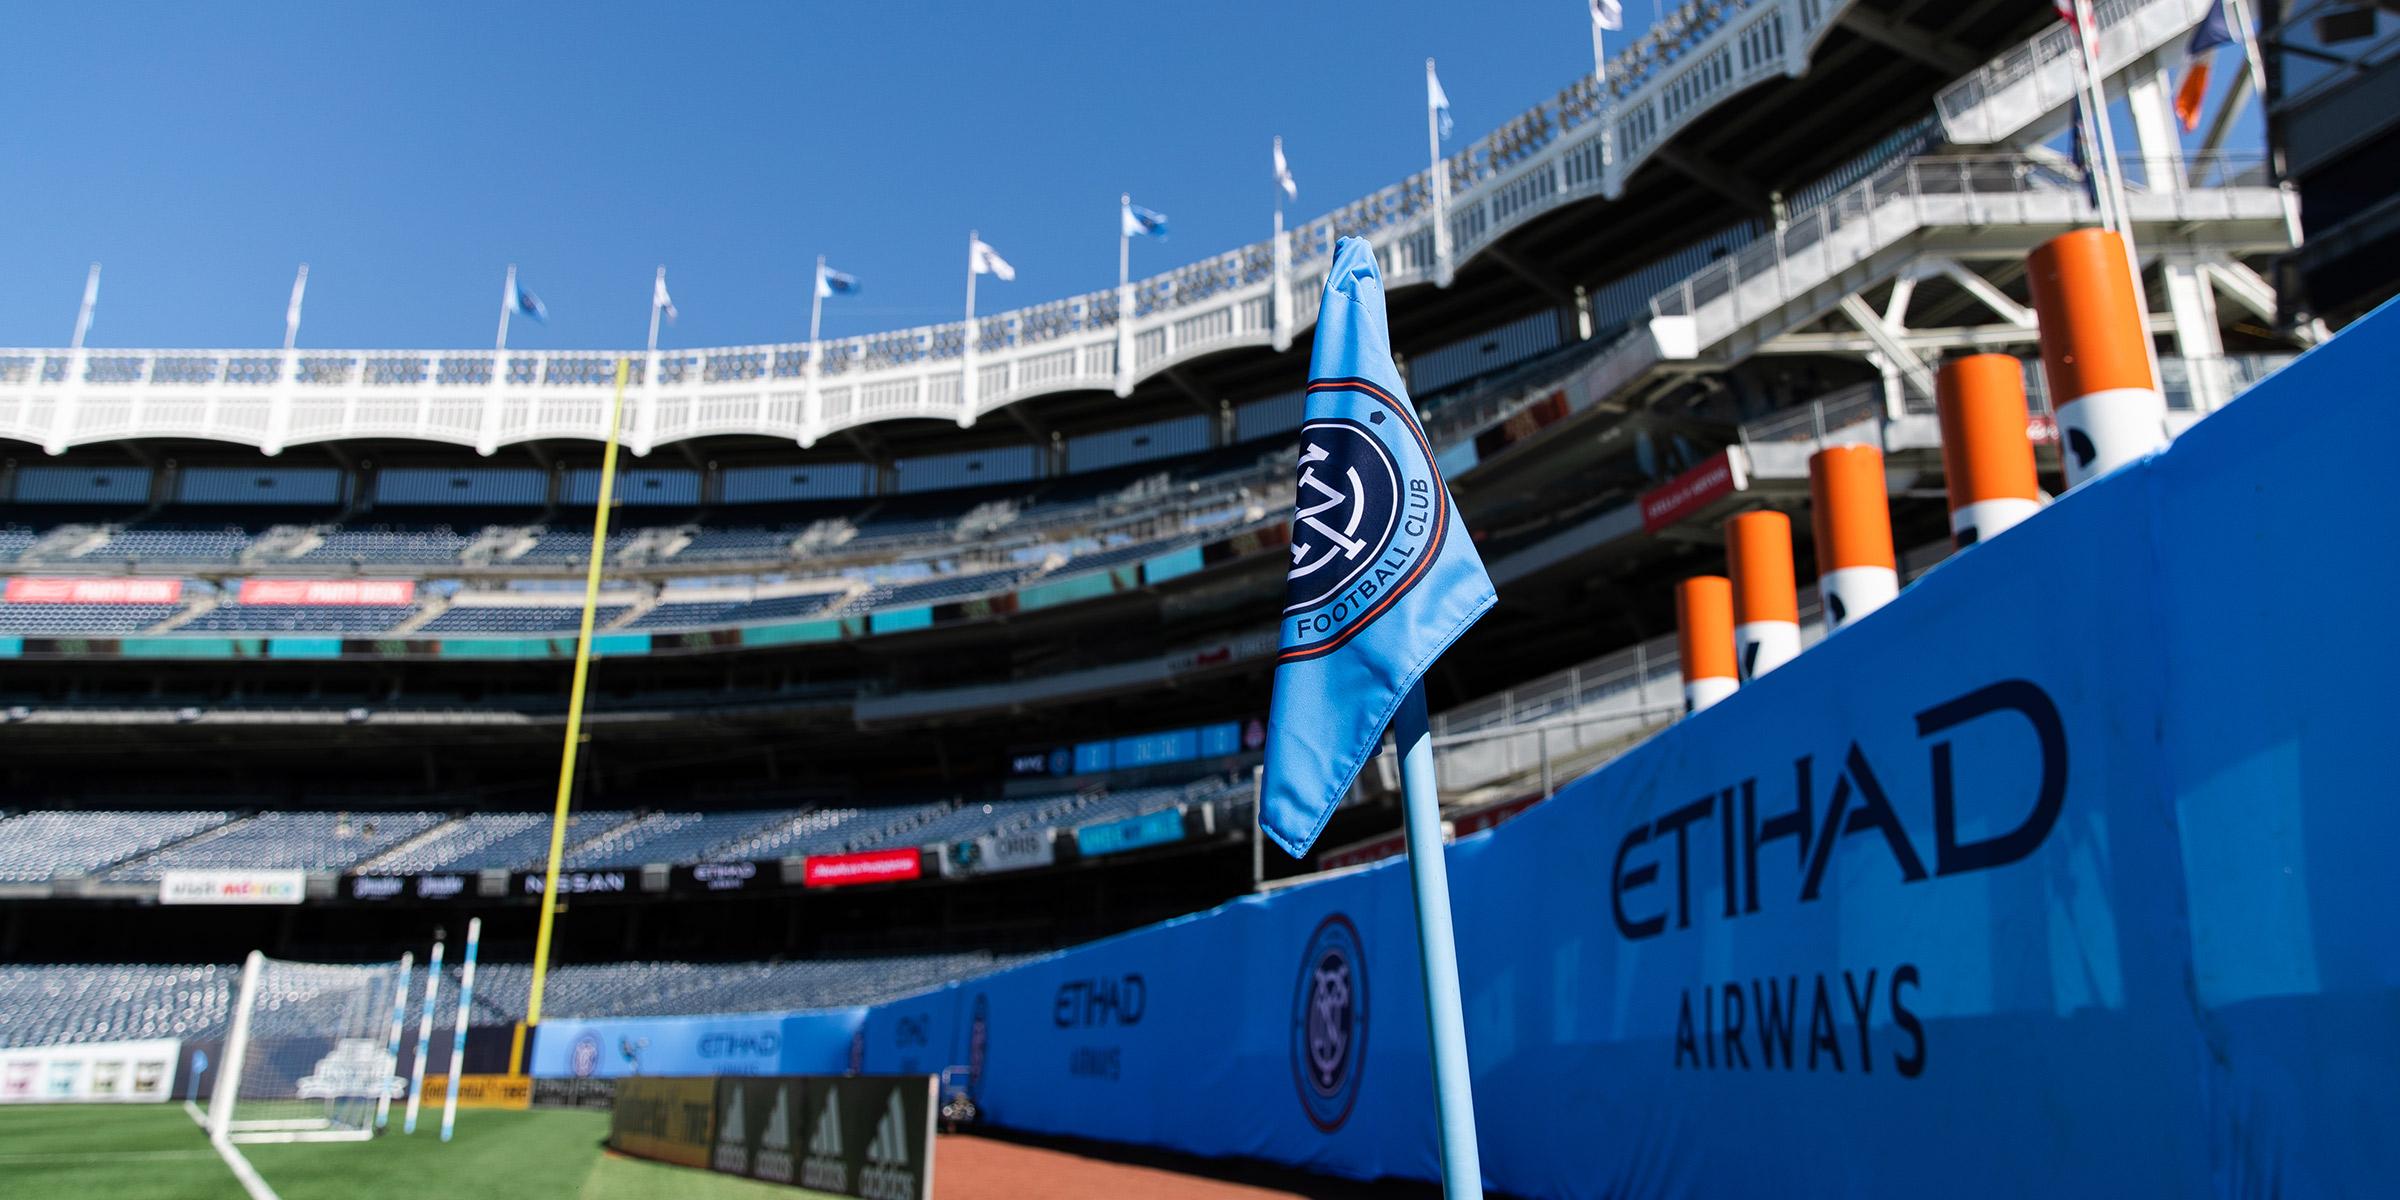 NYCFC Stadium